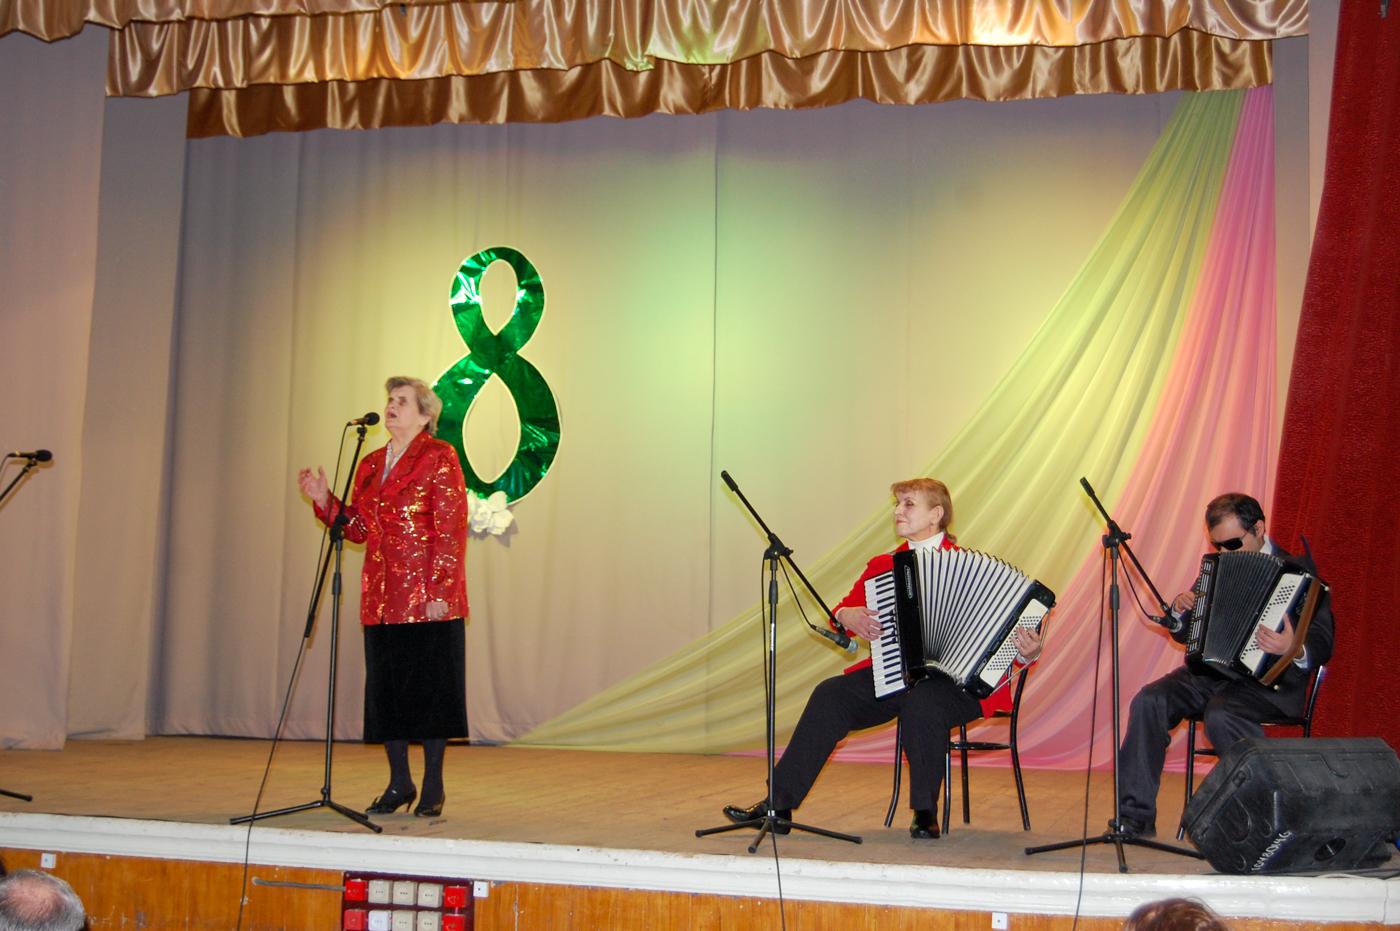 В Лутугино состоялся праздничный концерт клуба «Ветеран» и народного хора «Надия» 2